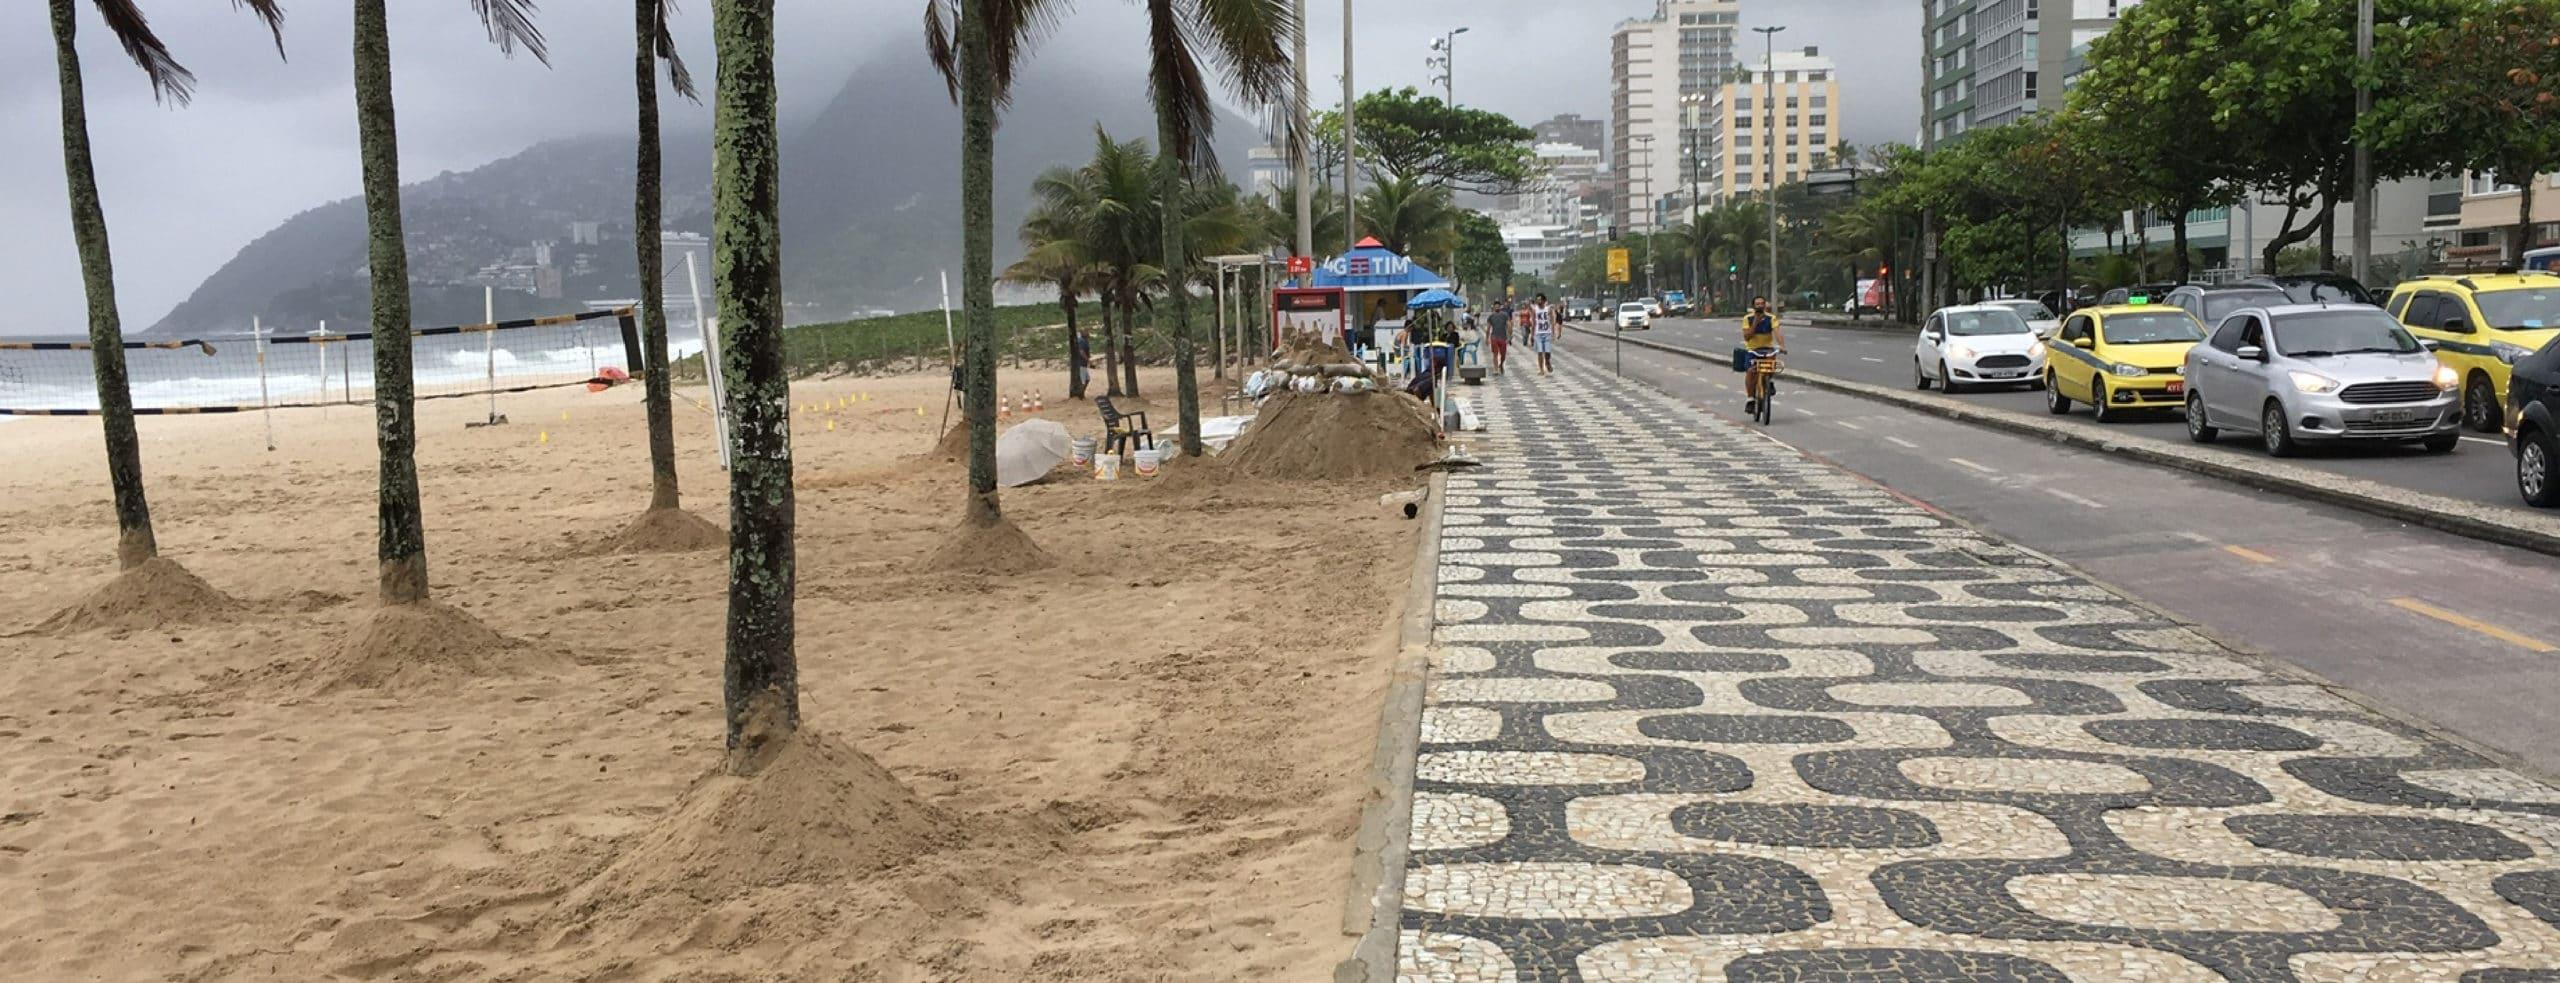 Copacabana - Rio de Janeiro, Brazil - RipioTurismo DMC